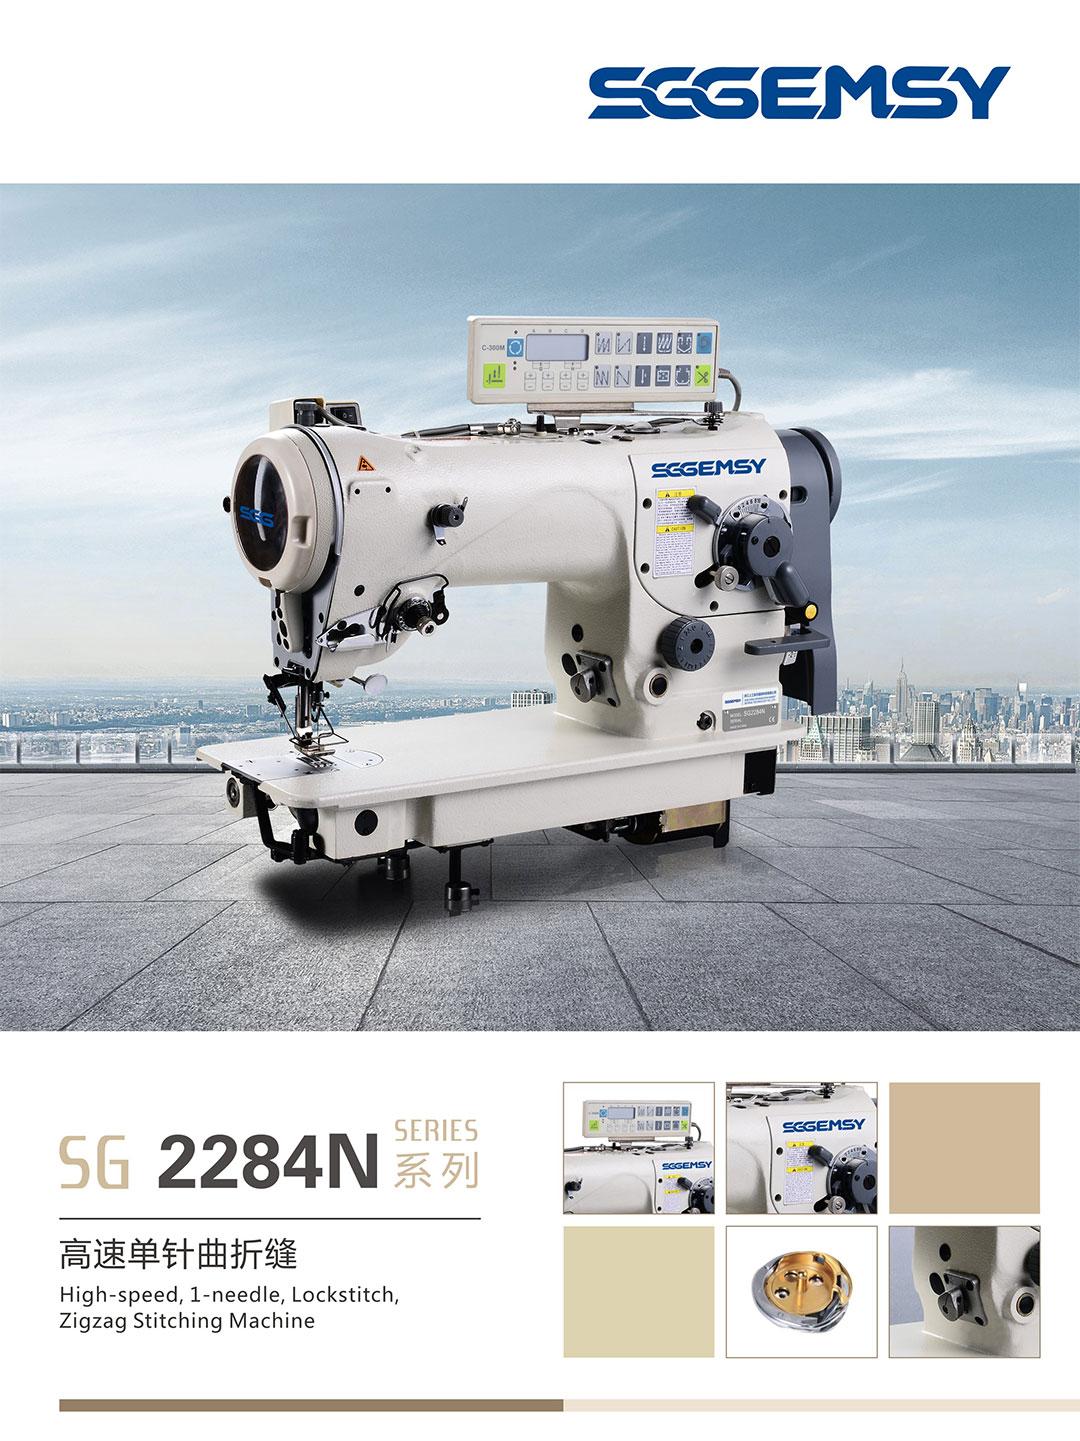 SG 2284N 高速单针曲折缝